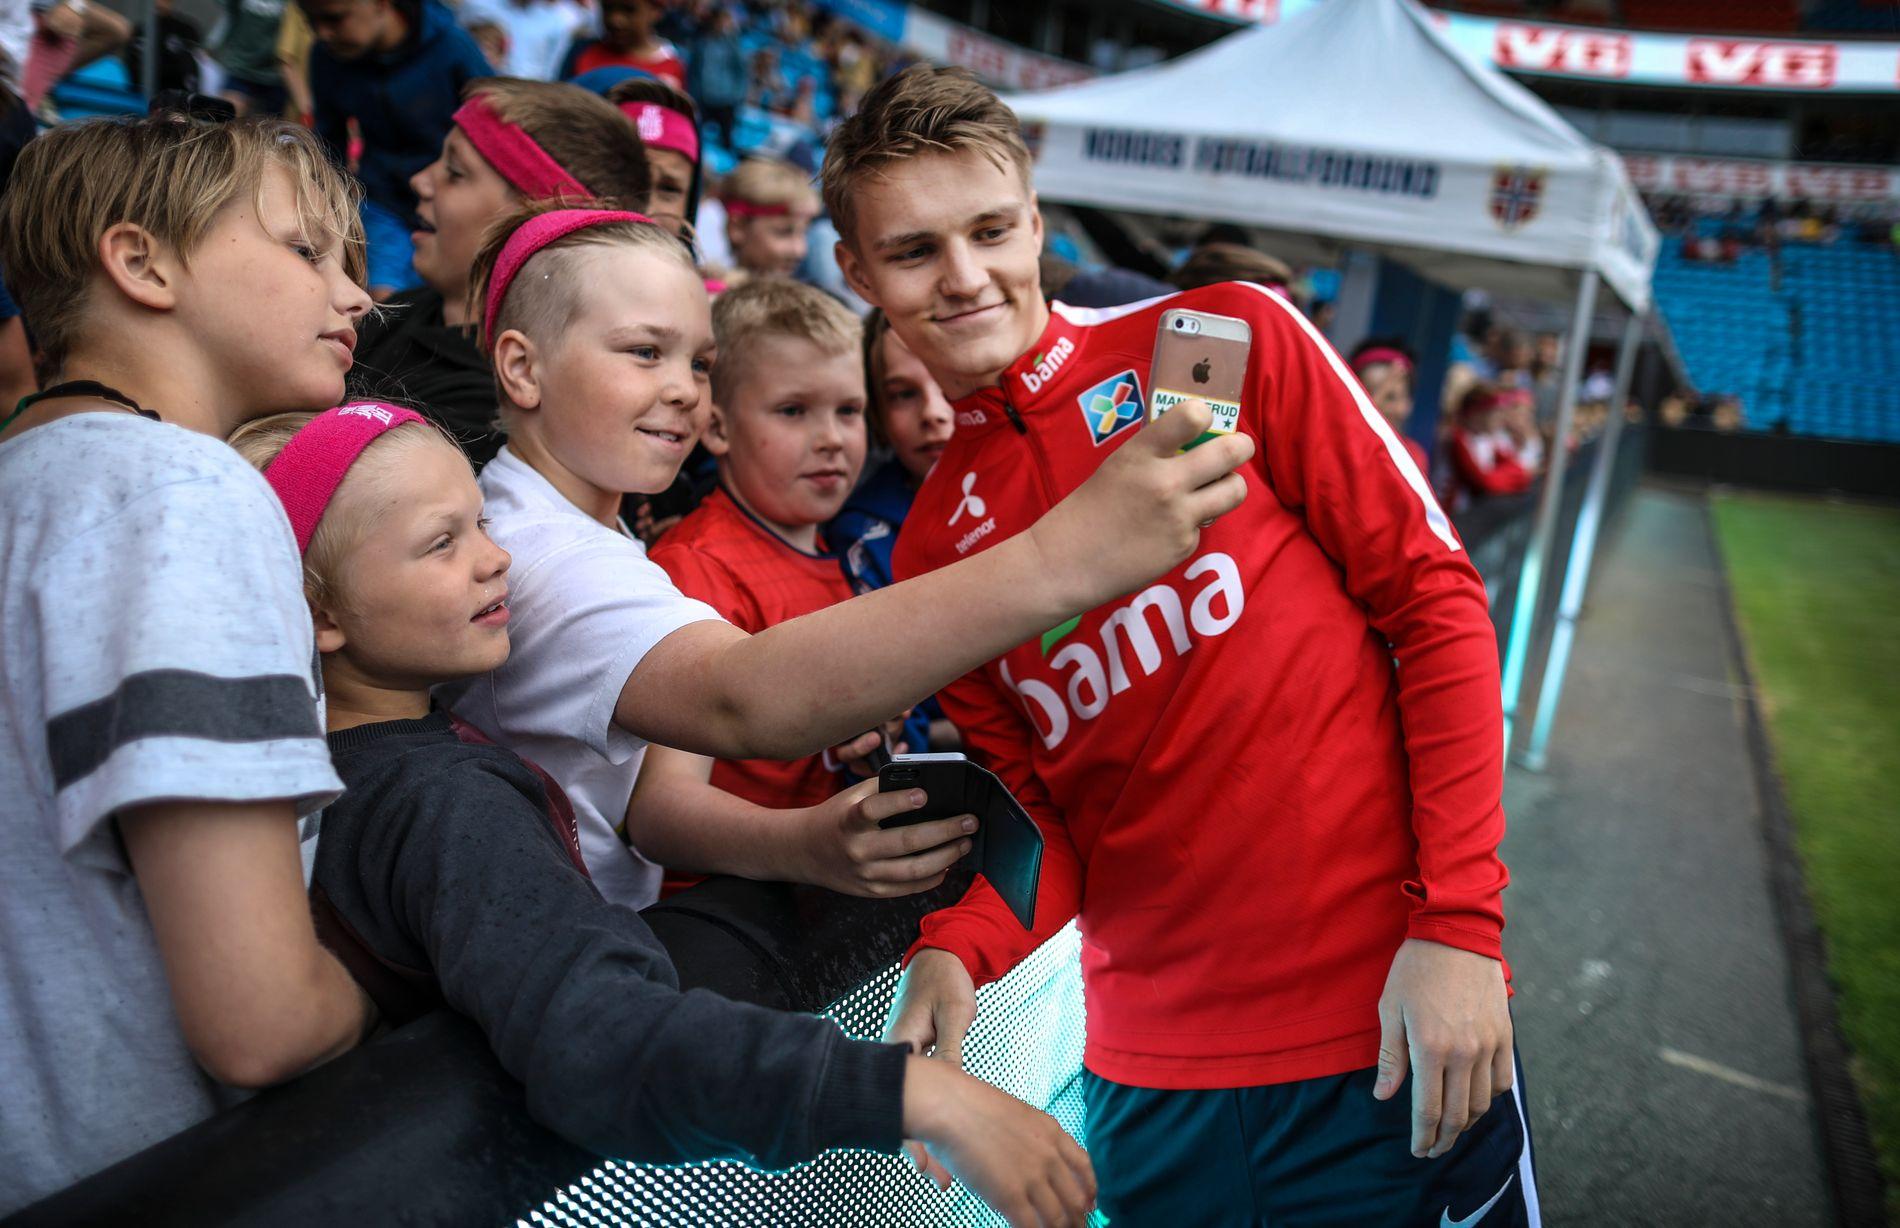 FANSENS FAVORITT: Norges Fotballforbund hadde besøk av en rekke klubber på «Åpen dag» under A-landslagets trening mandag ettermiddag. Her blir det sikret en selfie med Martin Ødegaard.